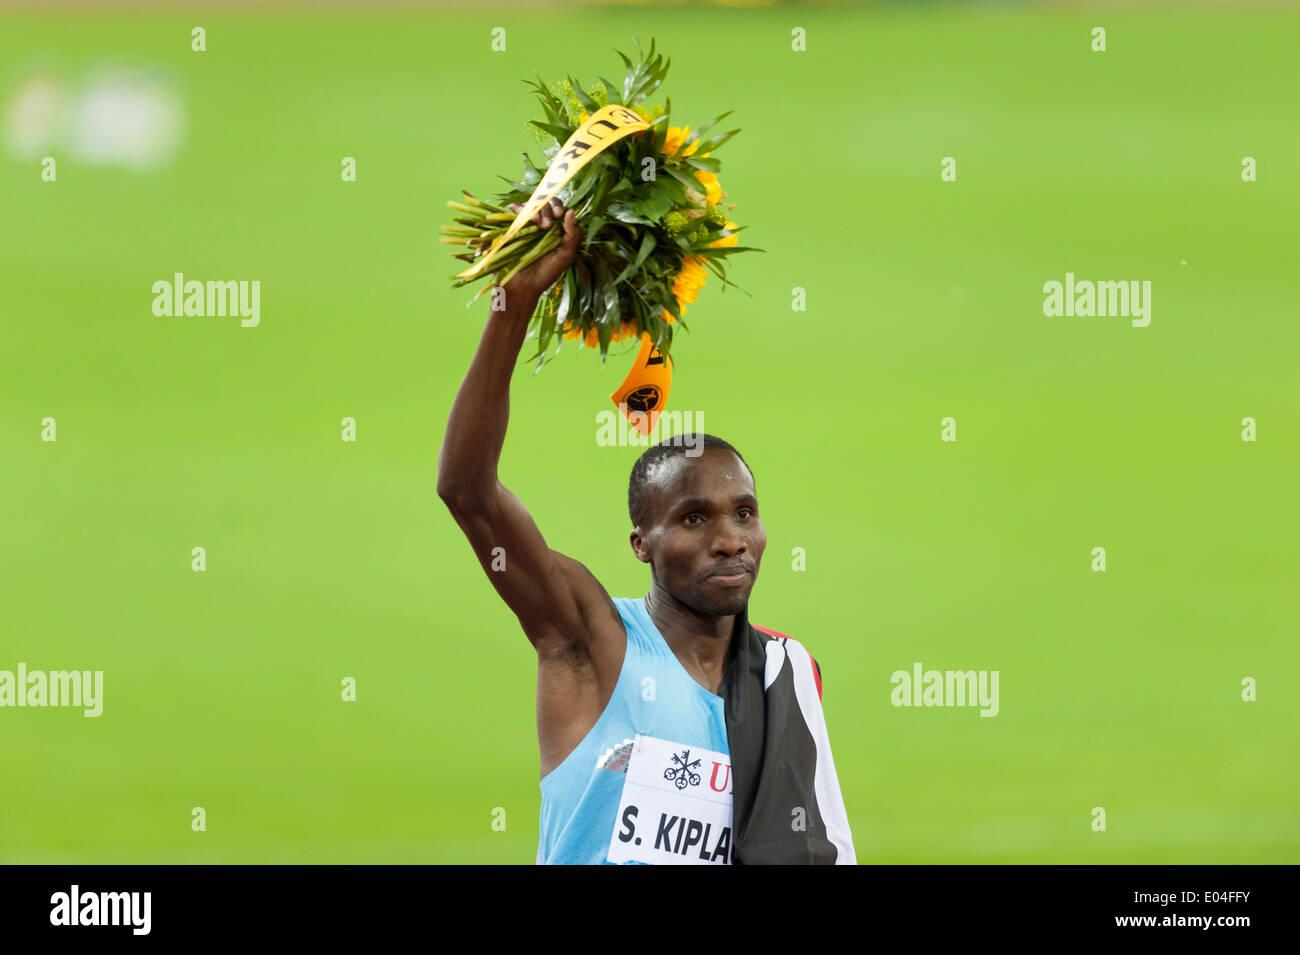 Silas Kiplagat (KEN) after winning the men's 1500m race at IAAF Diamond League 'Weltklasse Zürich' in Zurich. - Stock Image